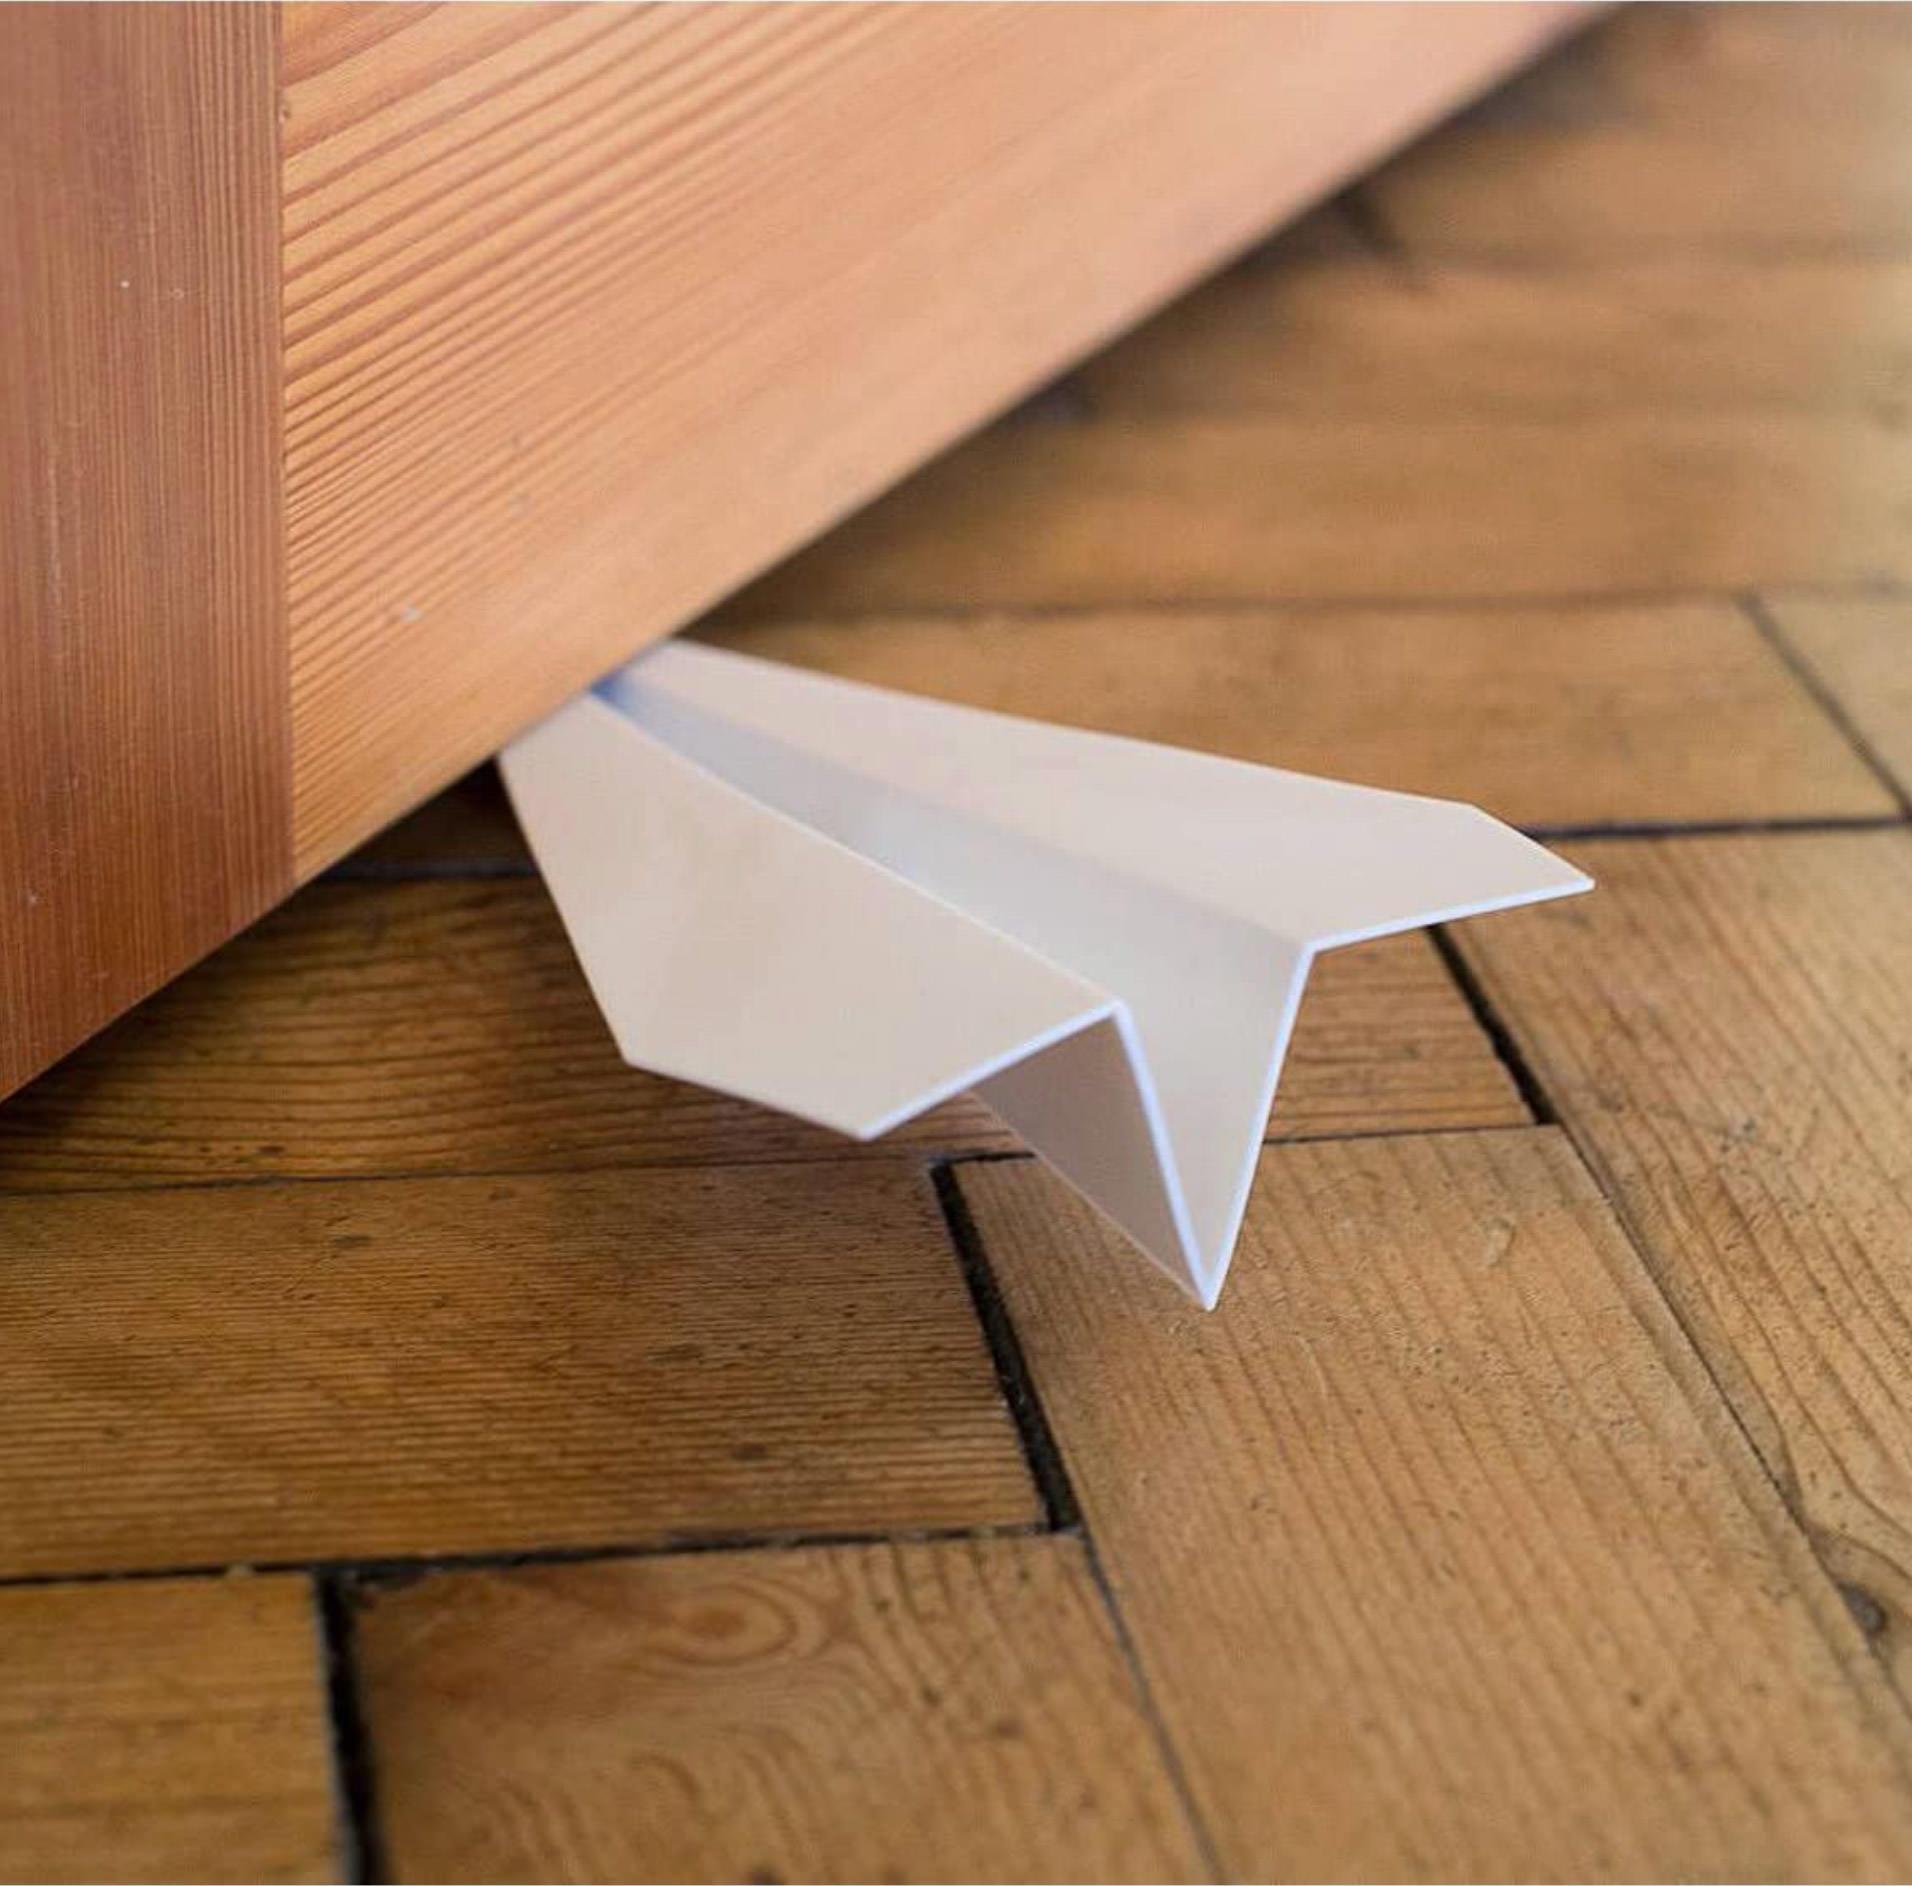 The Paper Airplane Doorstop